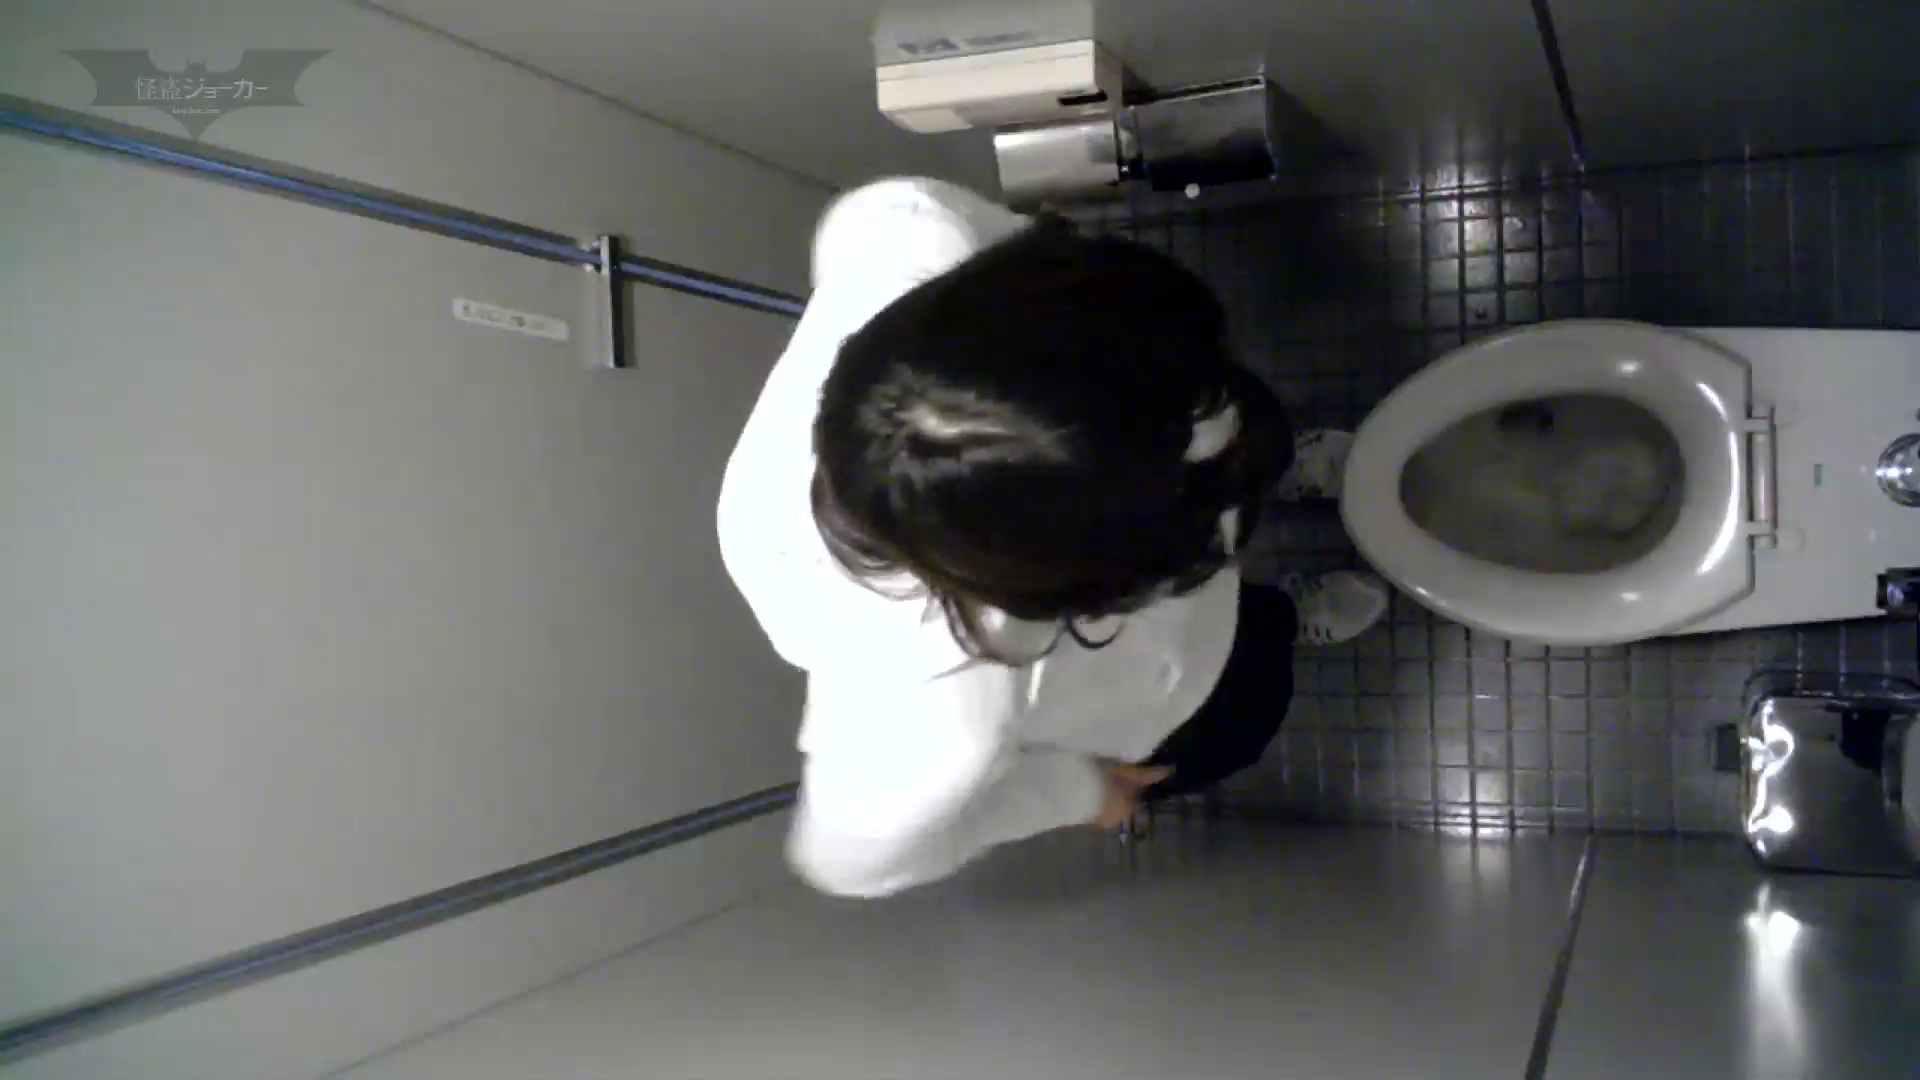 有名大学女性洗面所 vol.58 アンダーヘアーも冬支度? 排泄   OLの実態  91pic 13